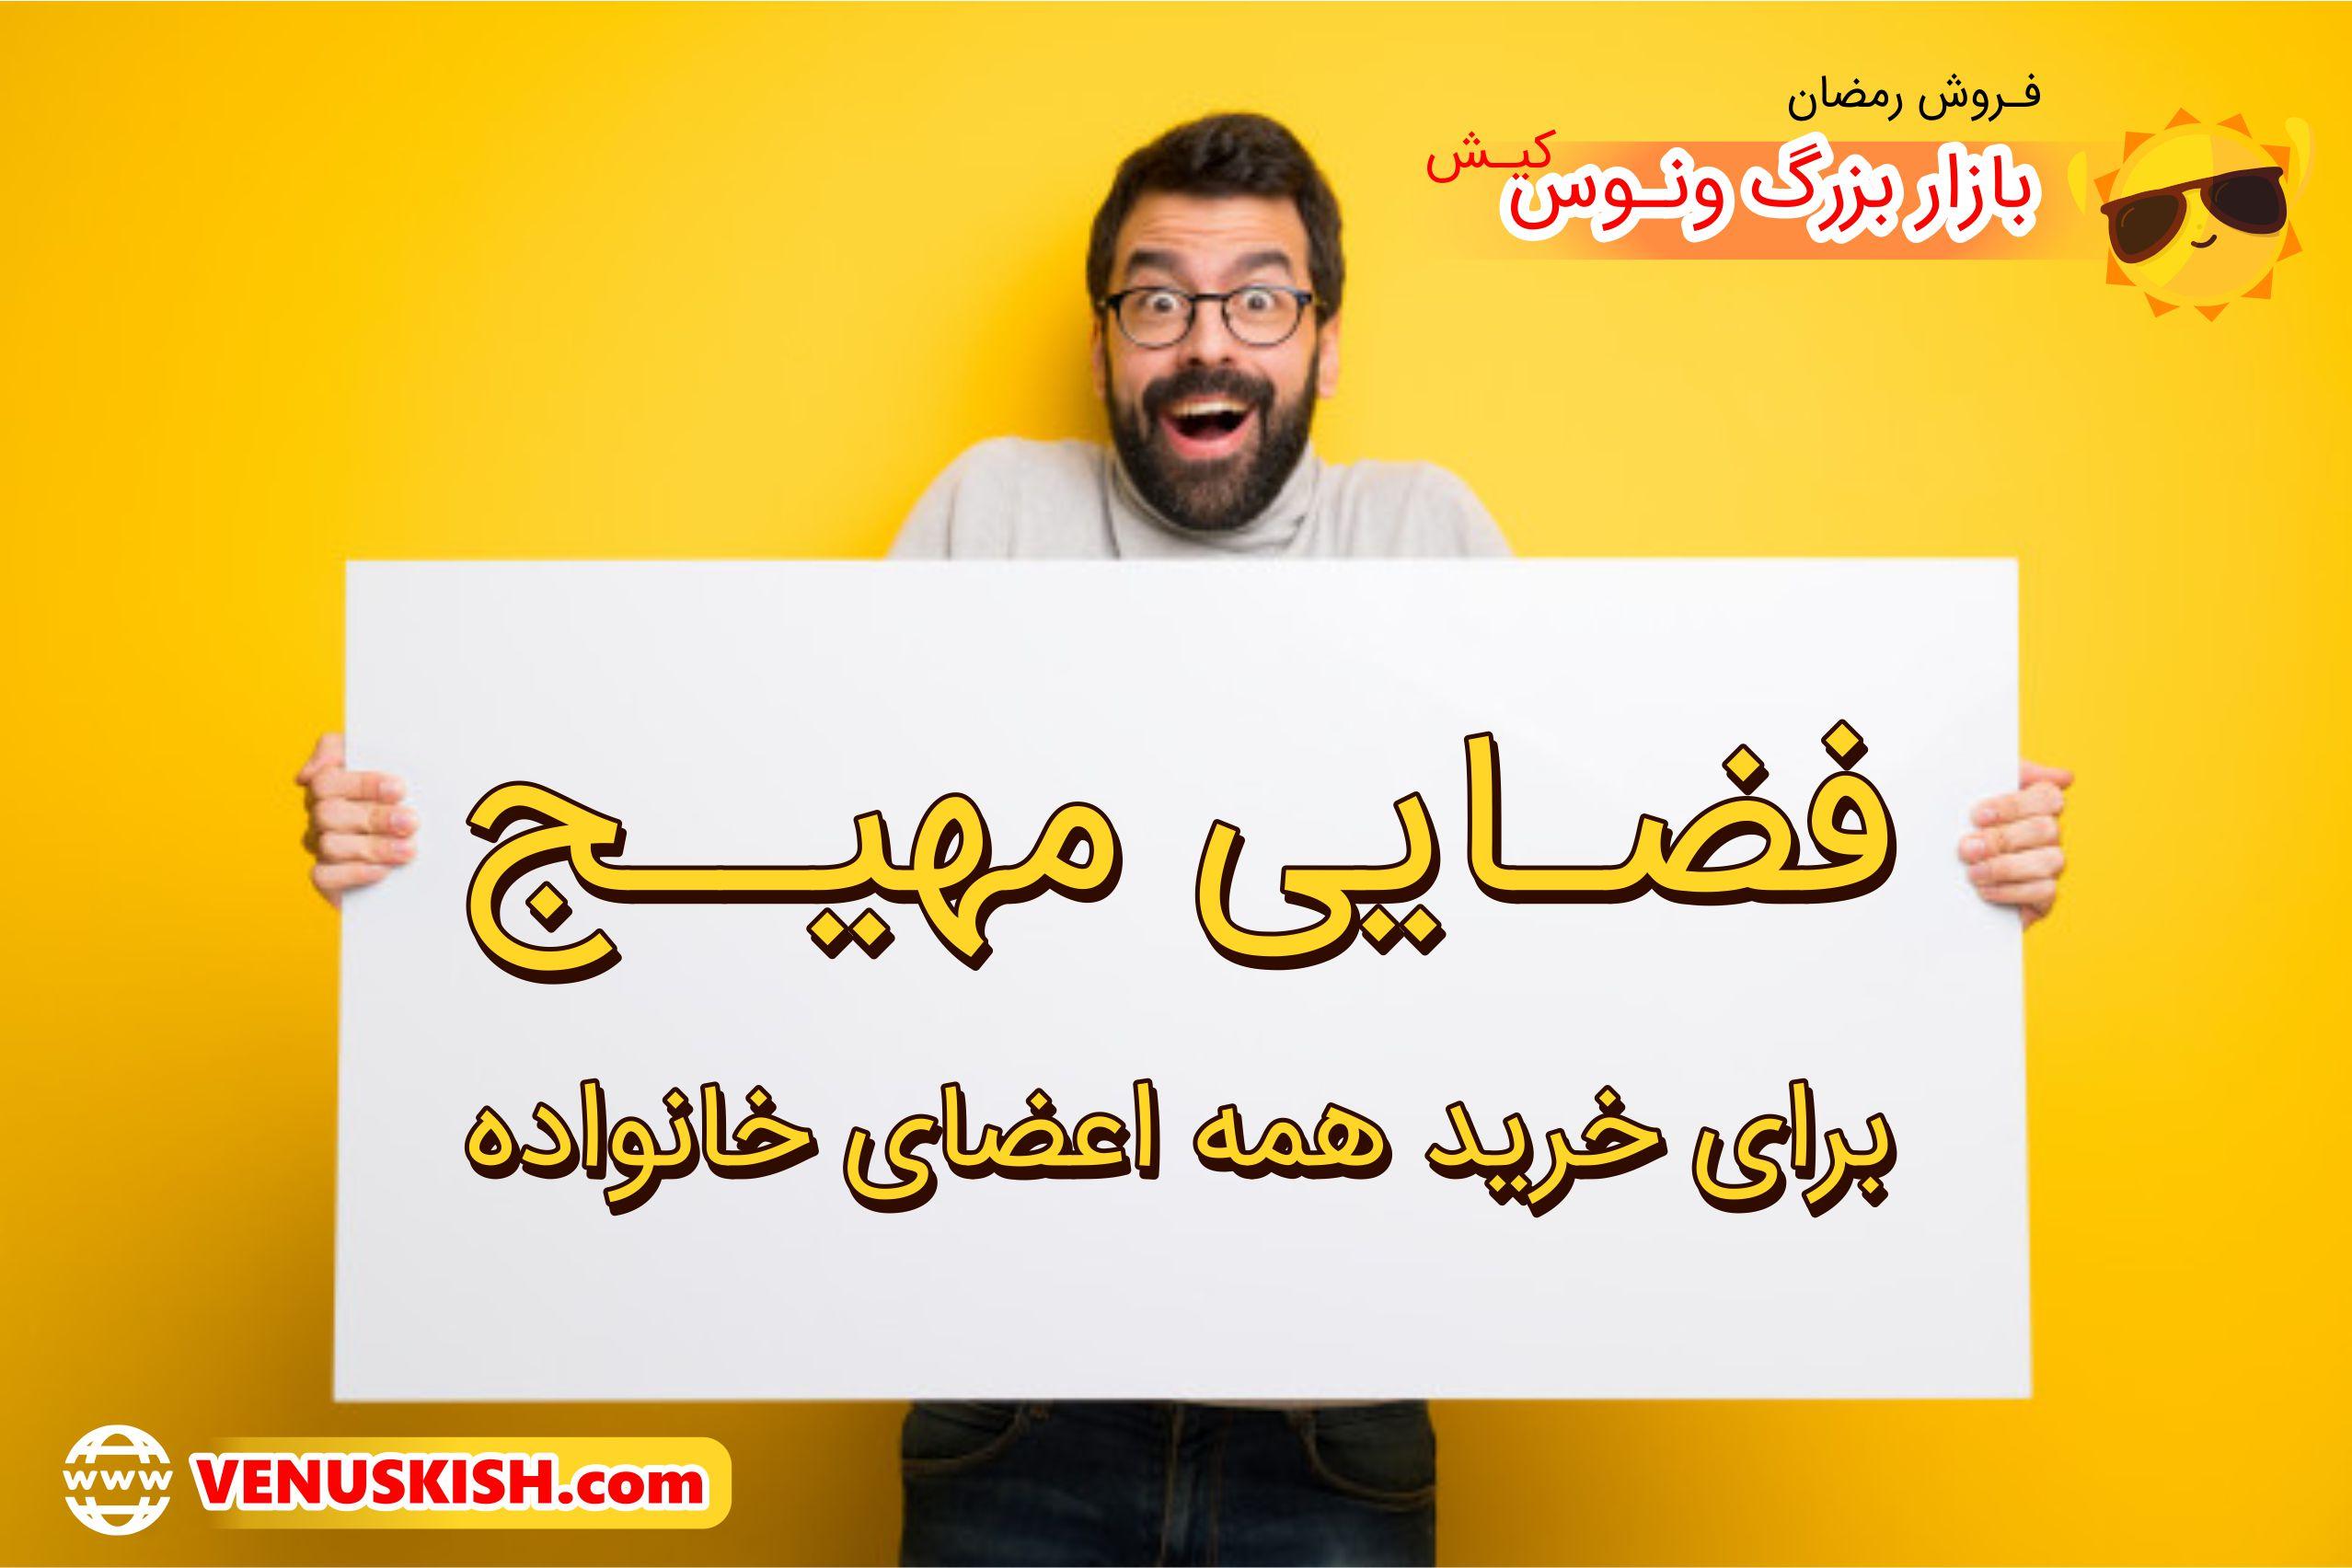 🌸 فروش ماه مبارک رمضان بازار ونوس کیش 🌸